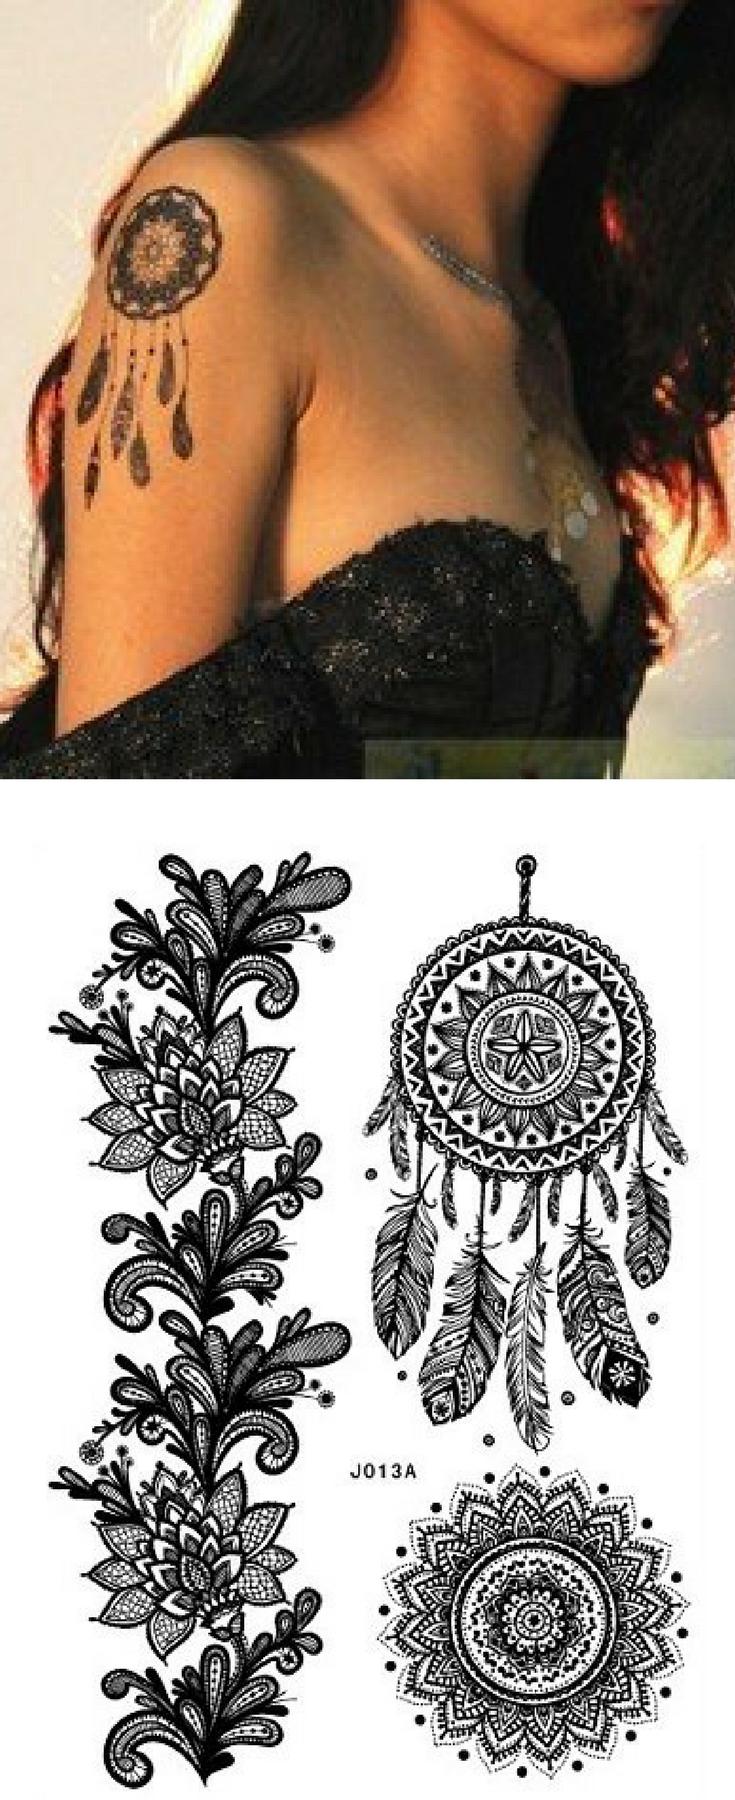 Henna Tattoo Schwarz Allergie: Henna TATTOO SCHWARZ Black Fake Flash Tattoo Aufkleber